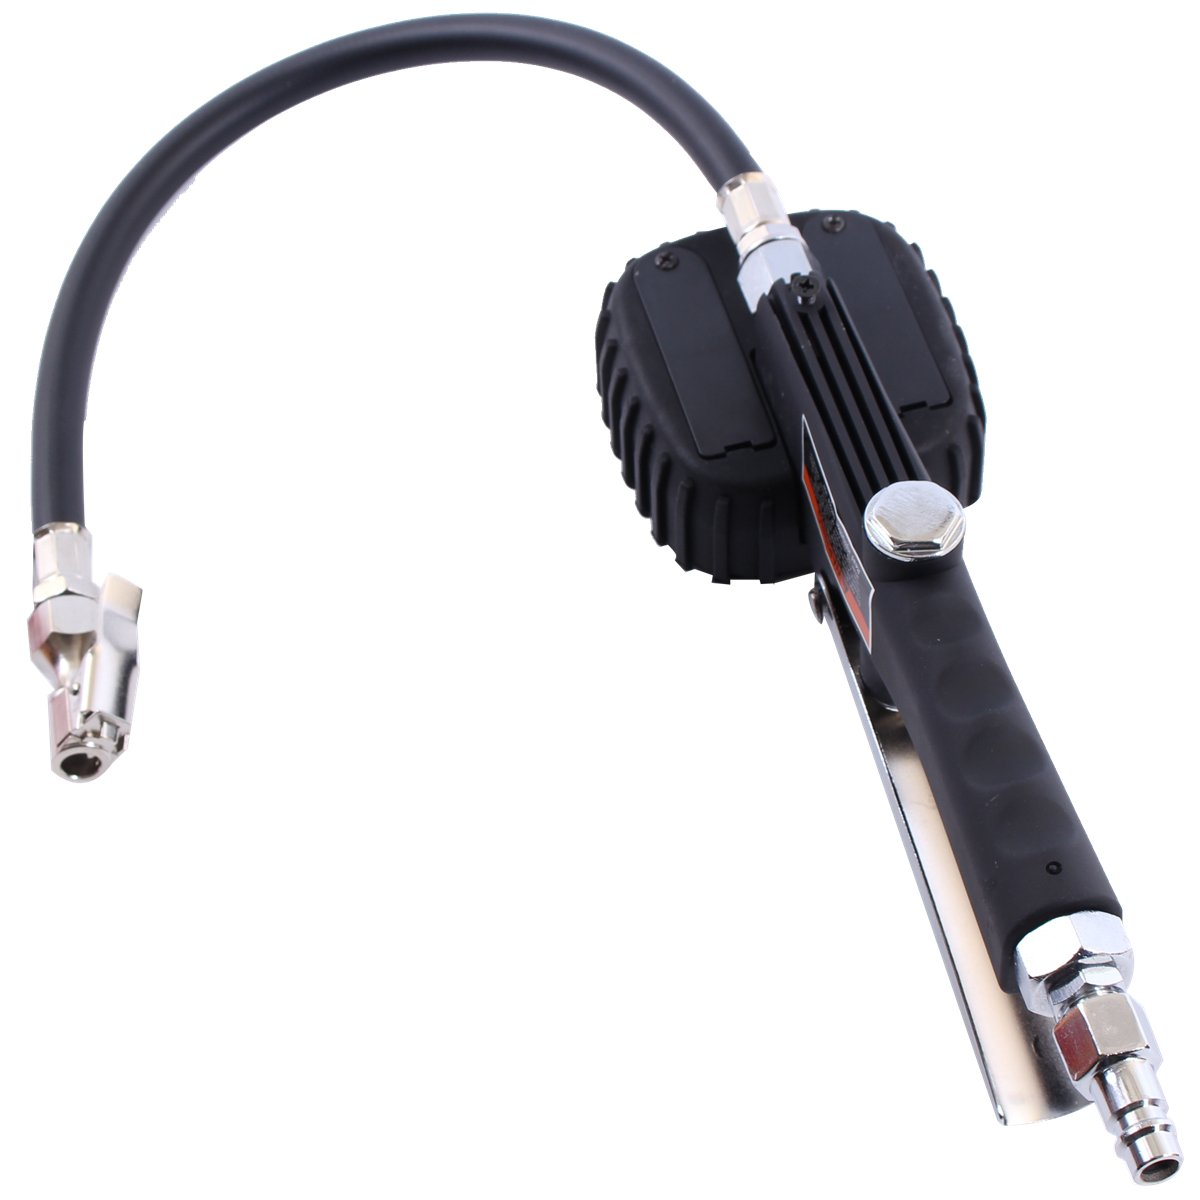 Digital Druckluft Reifenf/üller Reifenpr/üfer Luftdruckpr/üfer Reifendruckmesser Reifendruckpr/üfer KFZ